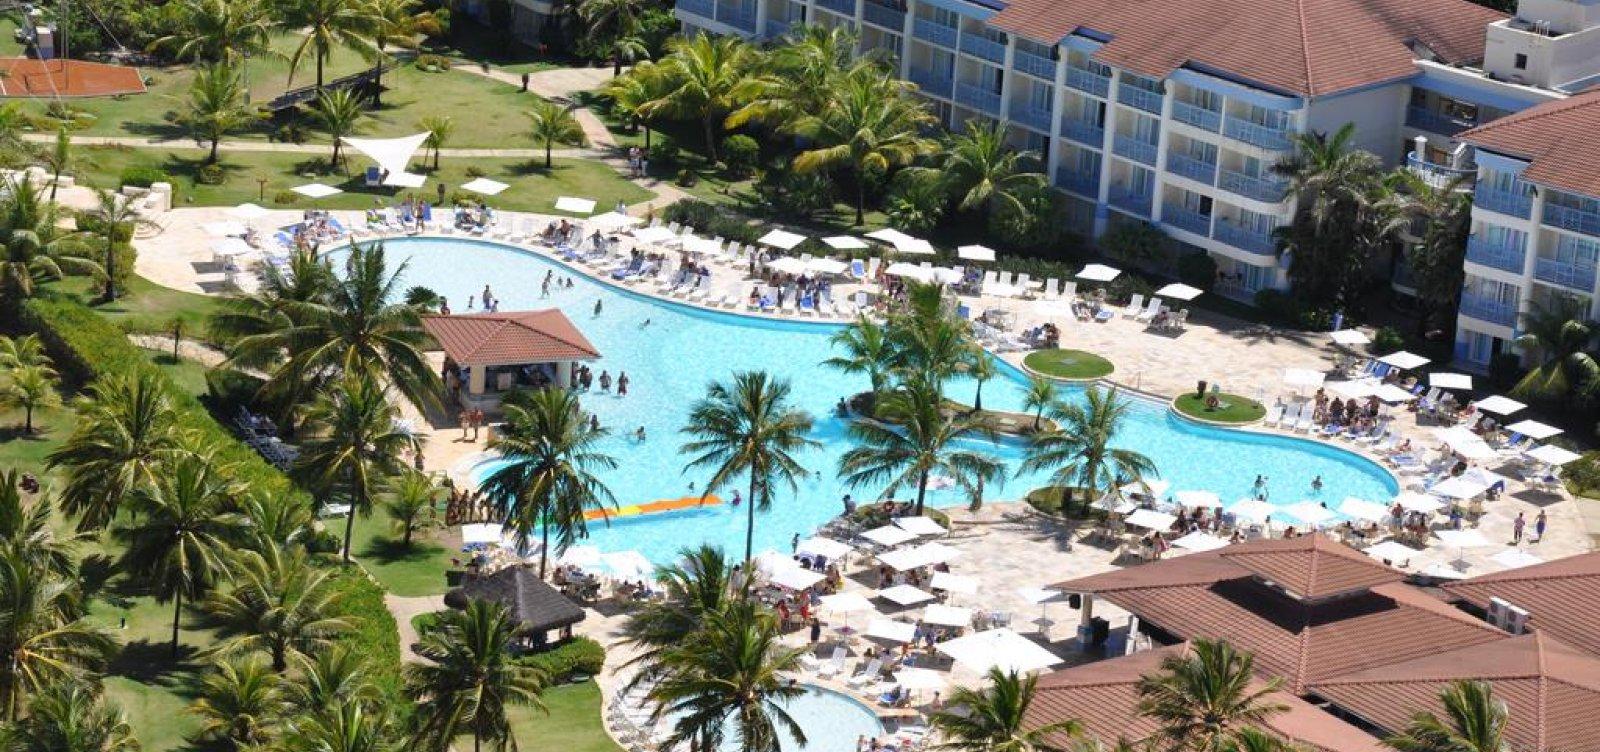 [Coronavírus: Resort Costa do Sauípe fechará por 40 dias ]